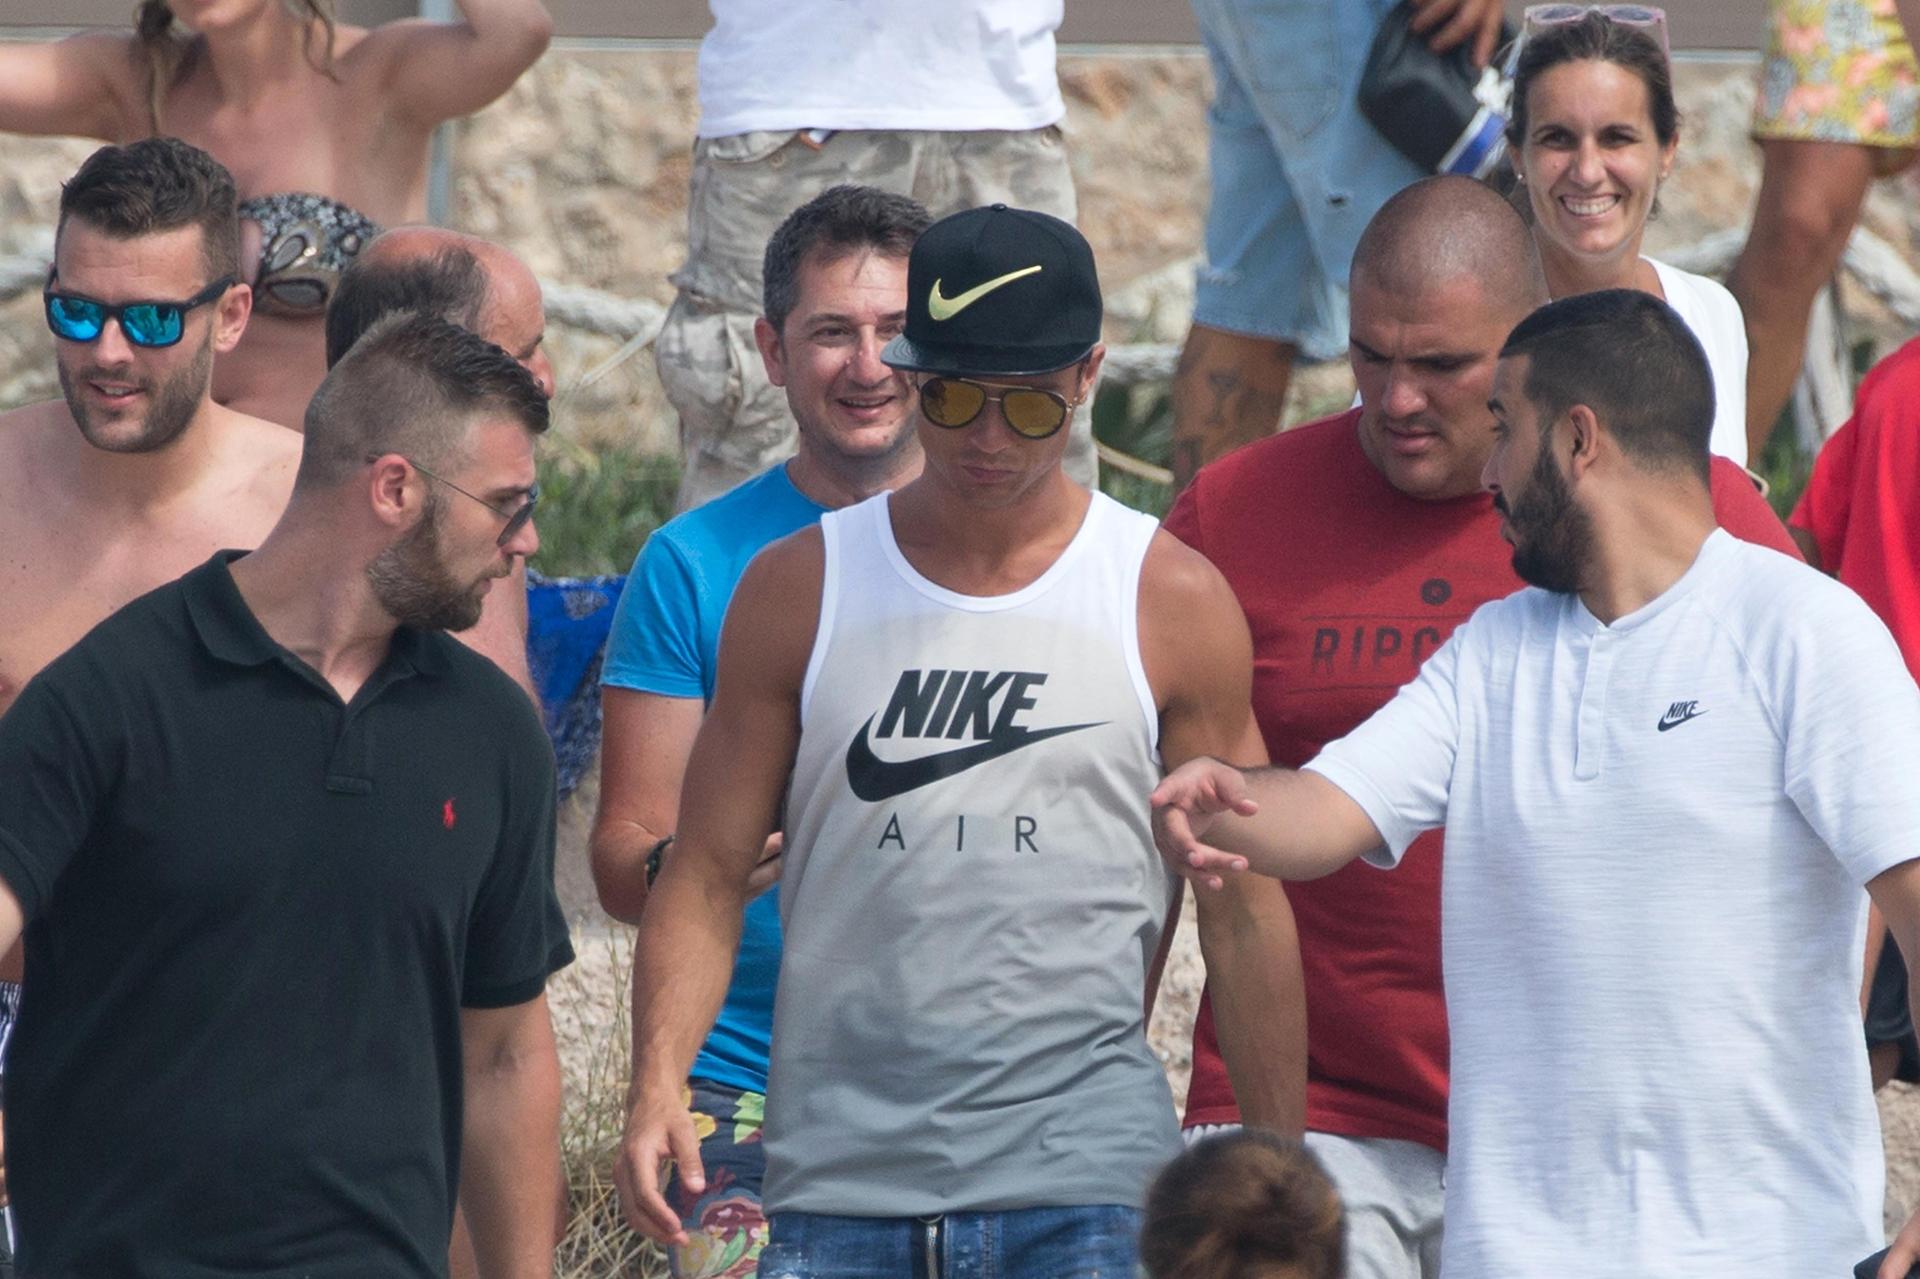 Vestido por completo por la marca deportiva que lo patrocina, CR7 se mostró bien relejado junto a sus amigos y familiares en un momento de su estadía en la isla de Formenteras, en Ibiza